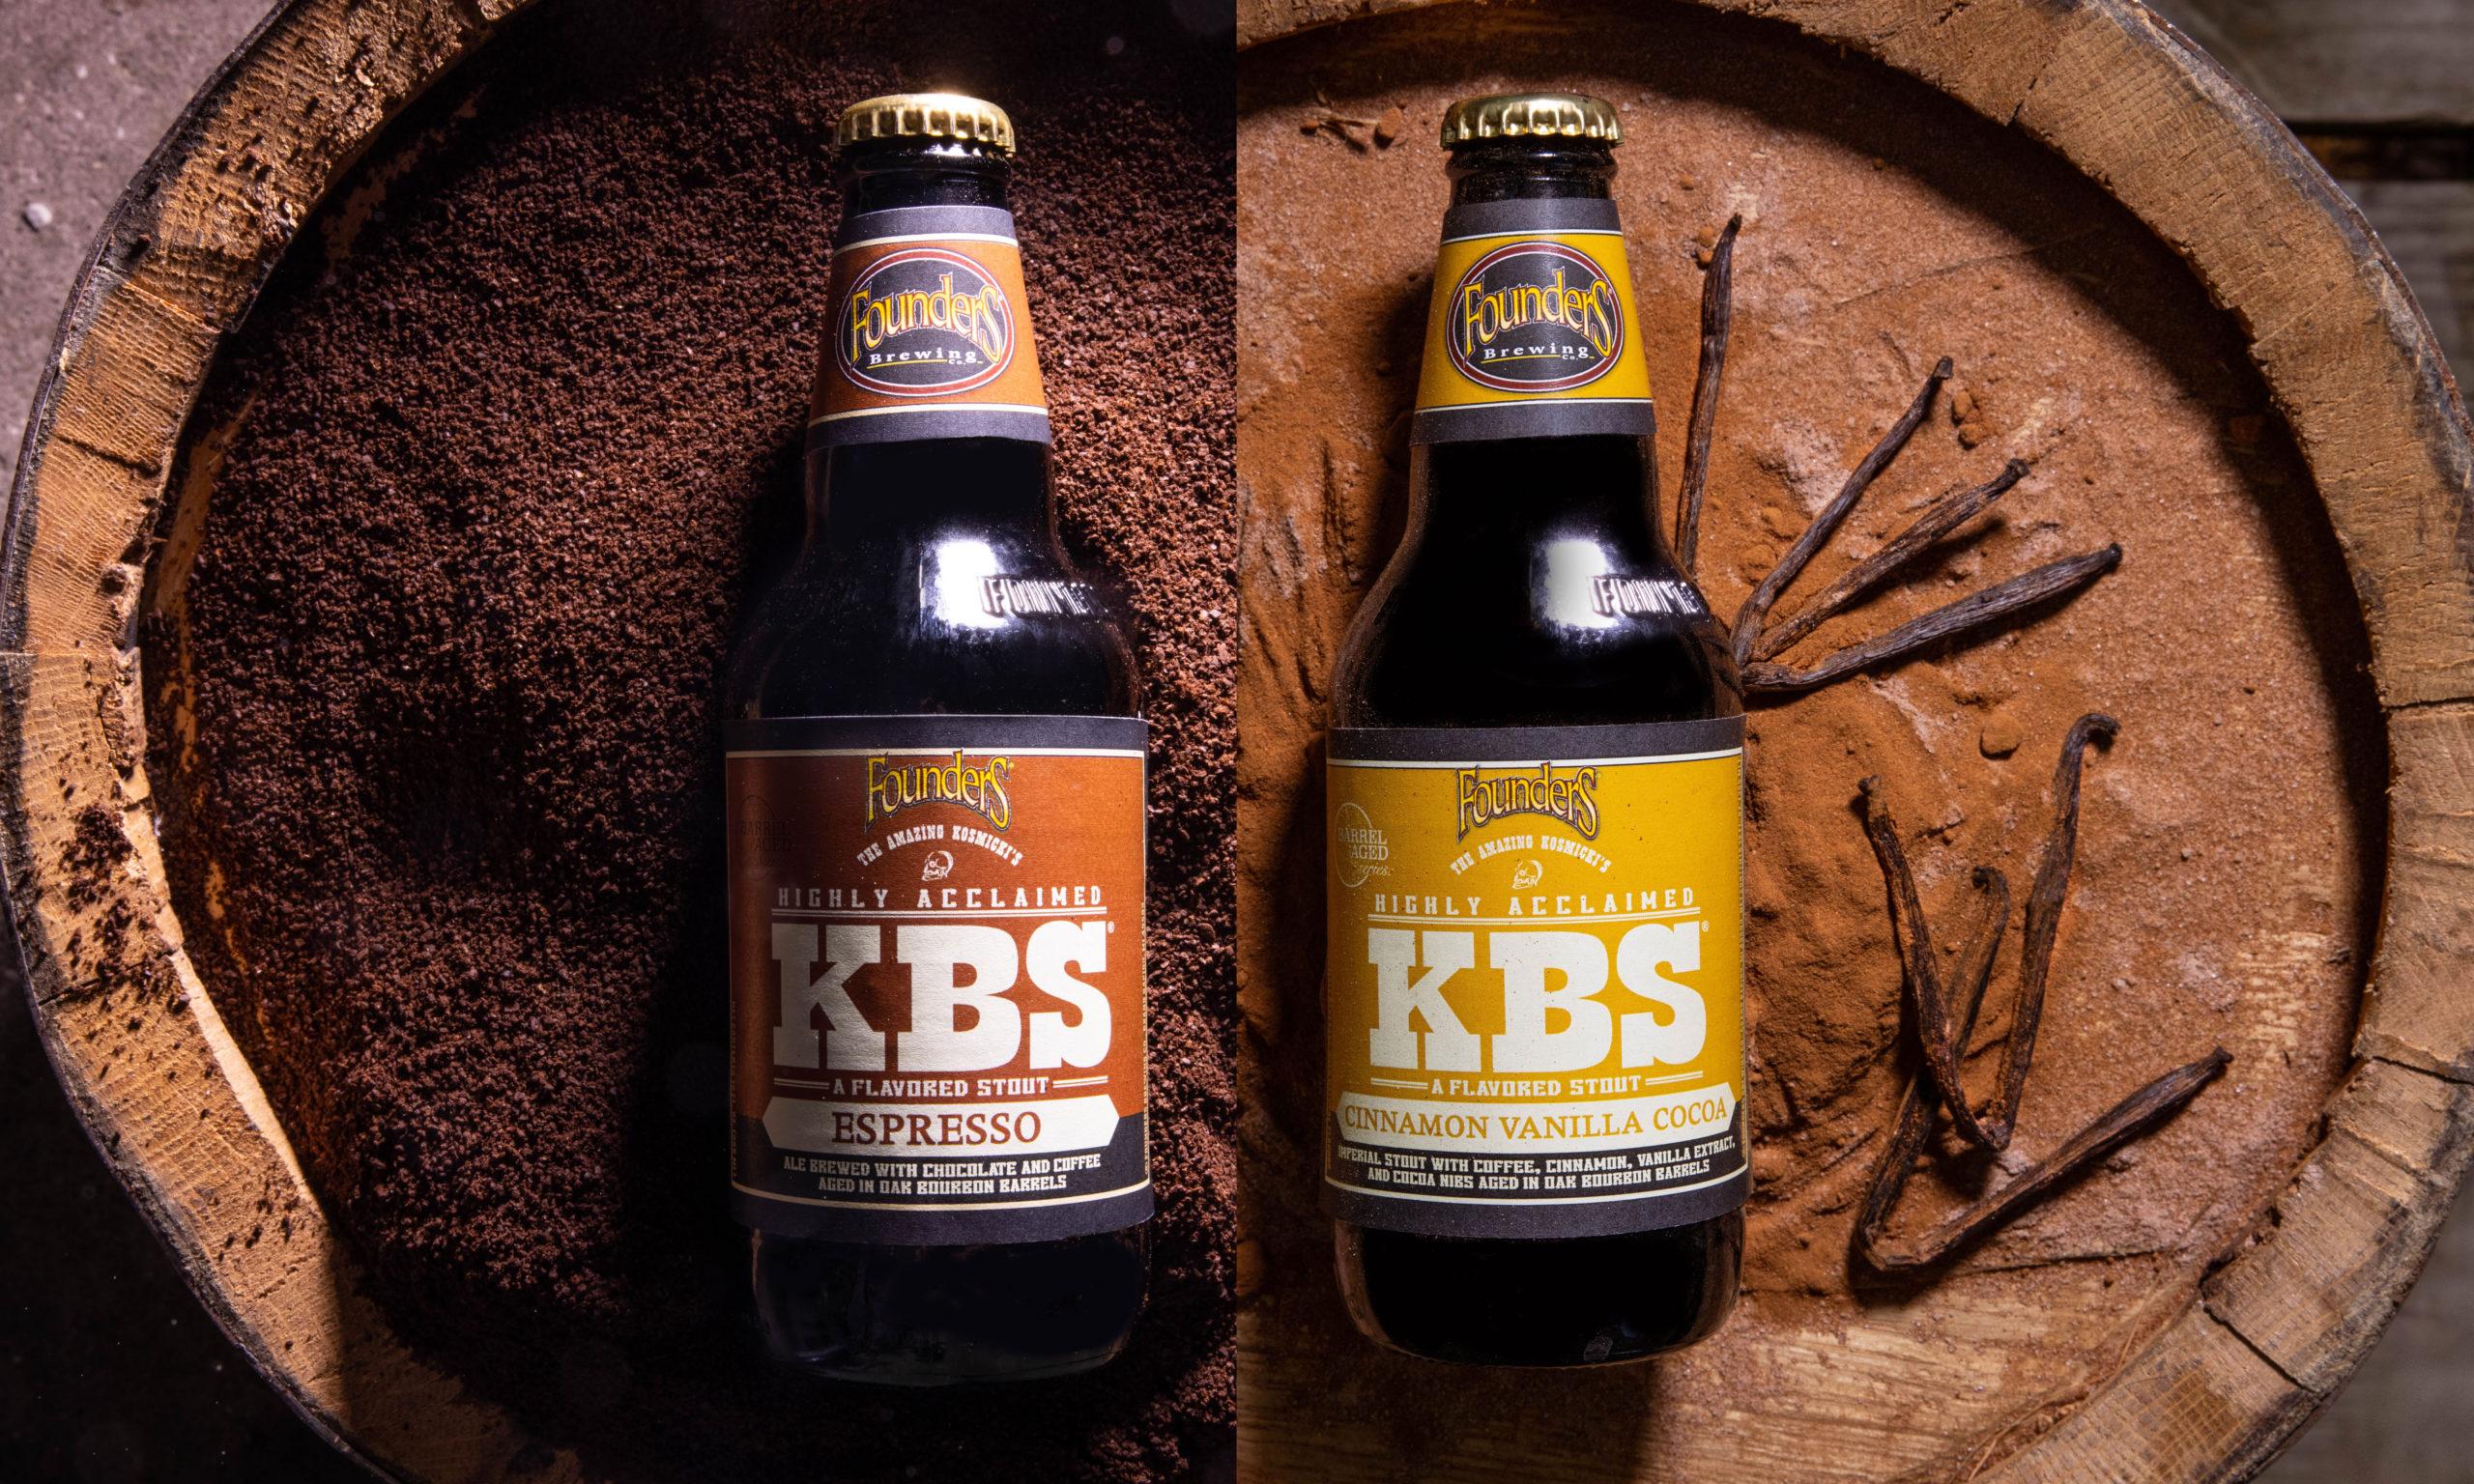 KBS Espresso and KBS Cinnamon Vanilla Cocoa Announcement Twitter